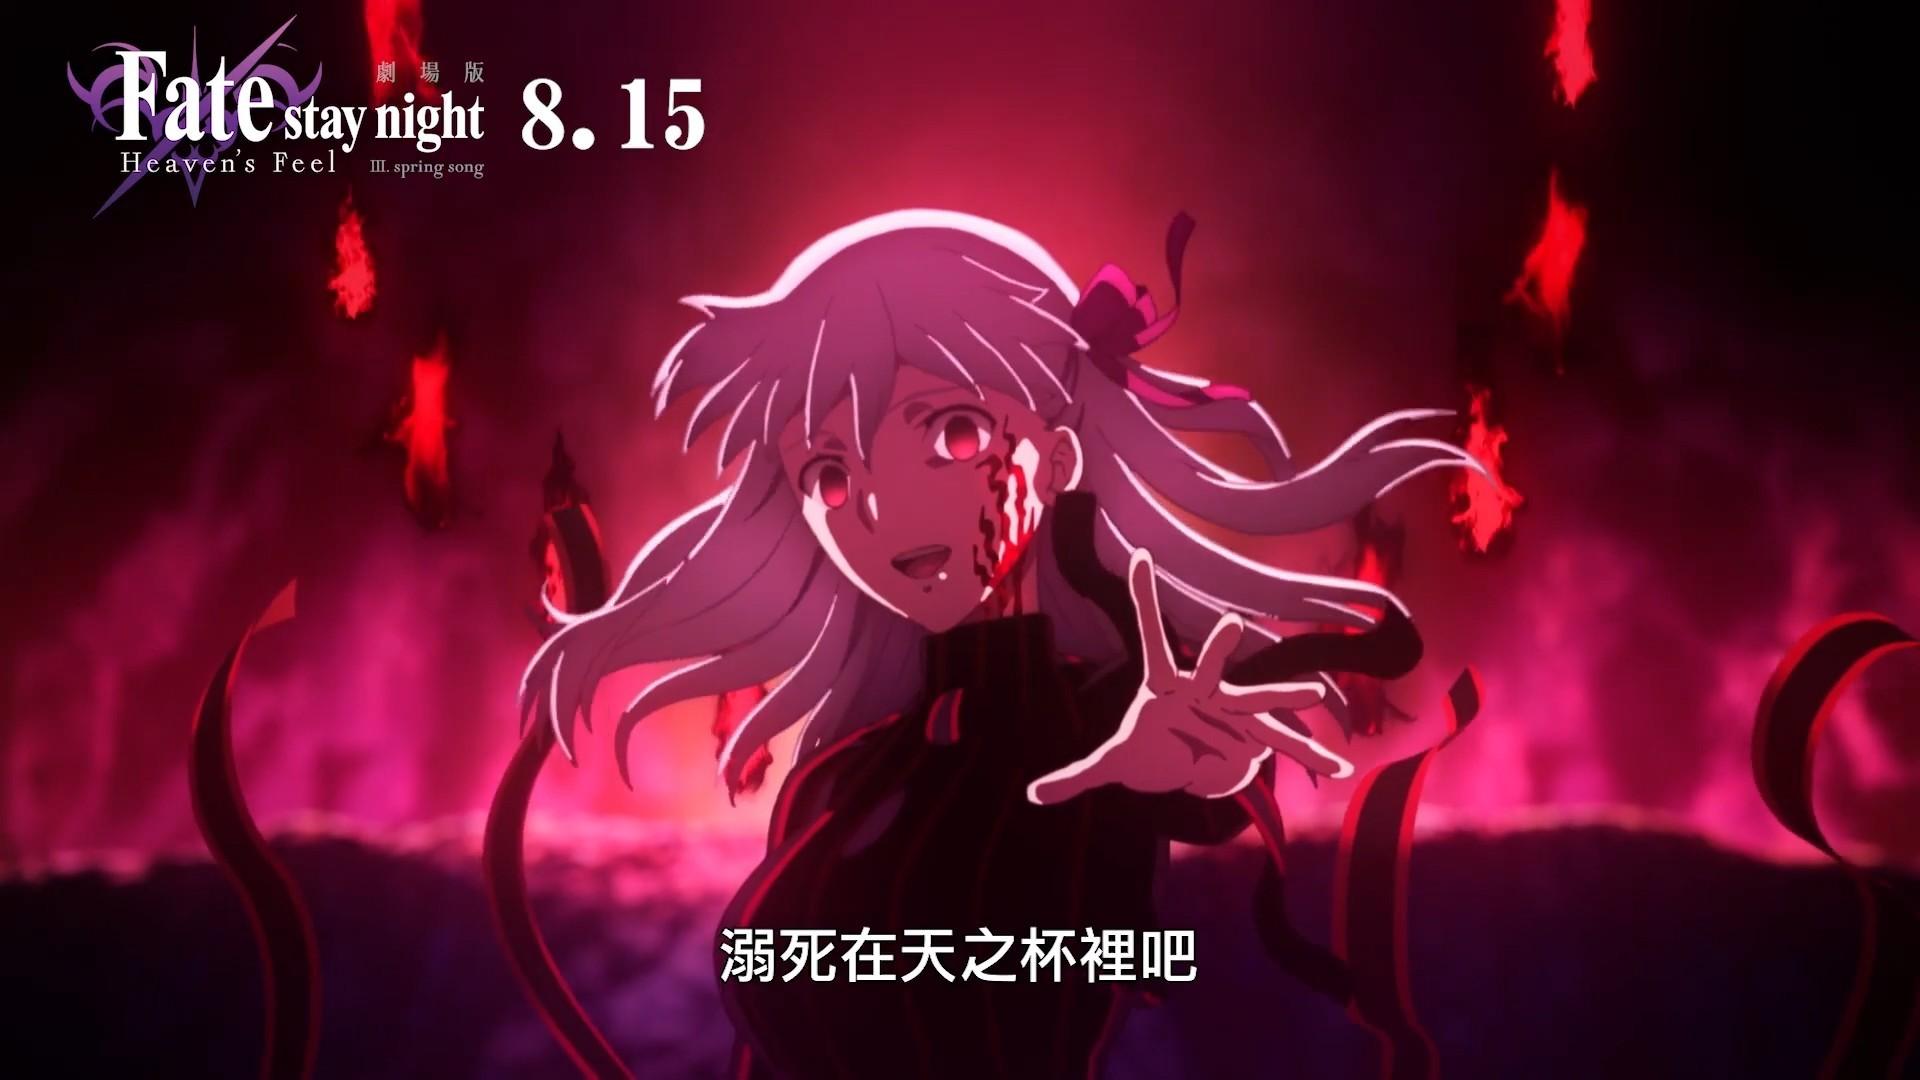 剧场版《FateHF第3章春之歌》官方中文PV公开,8月台湾同步上映